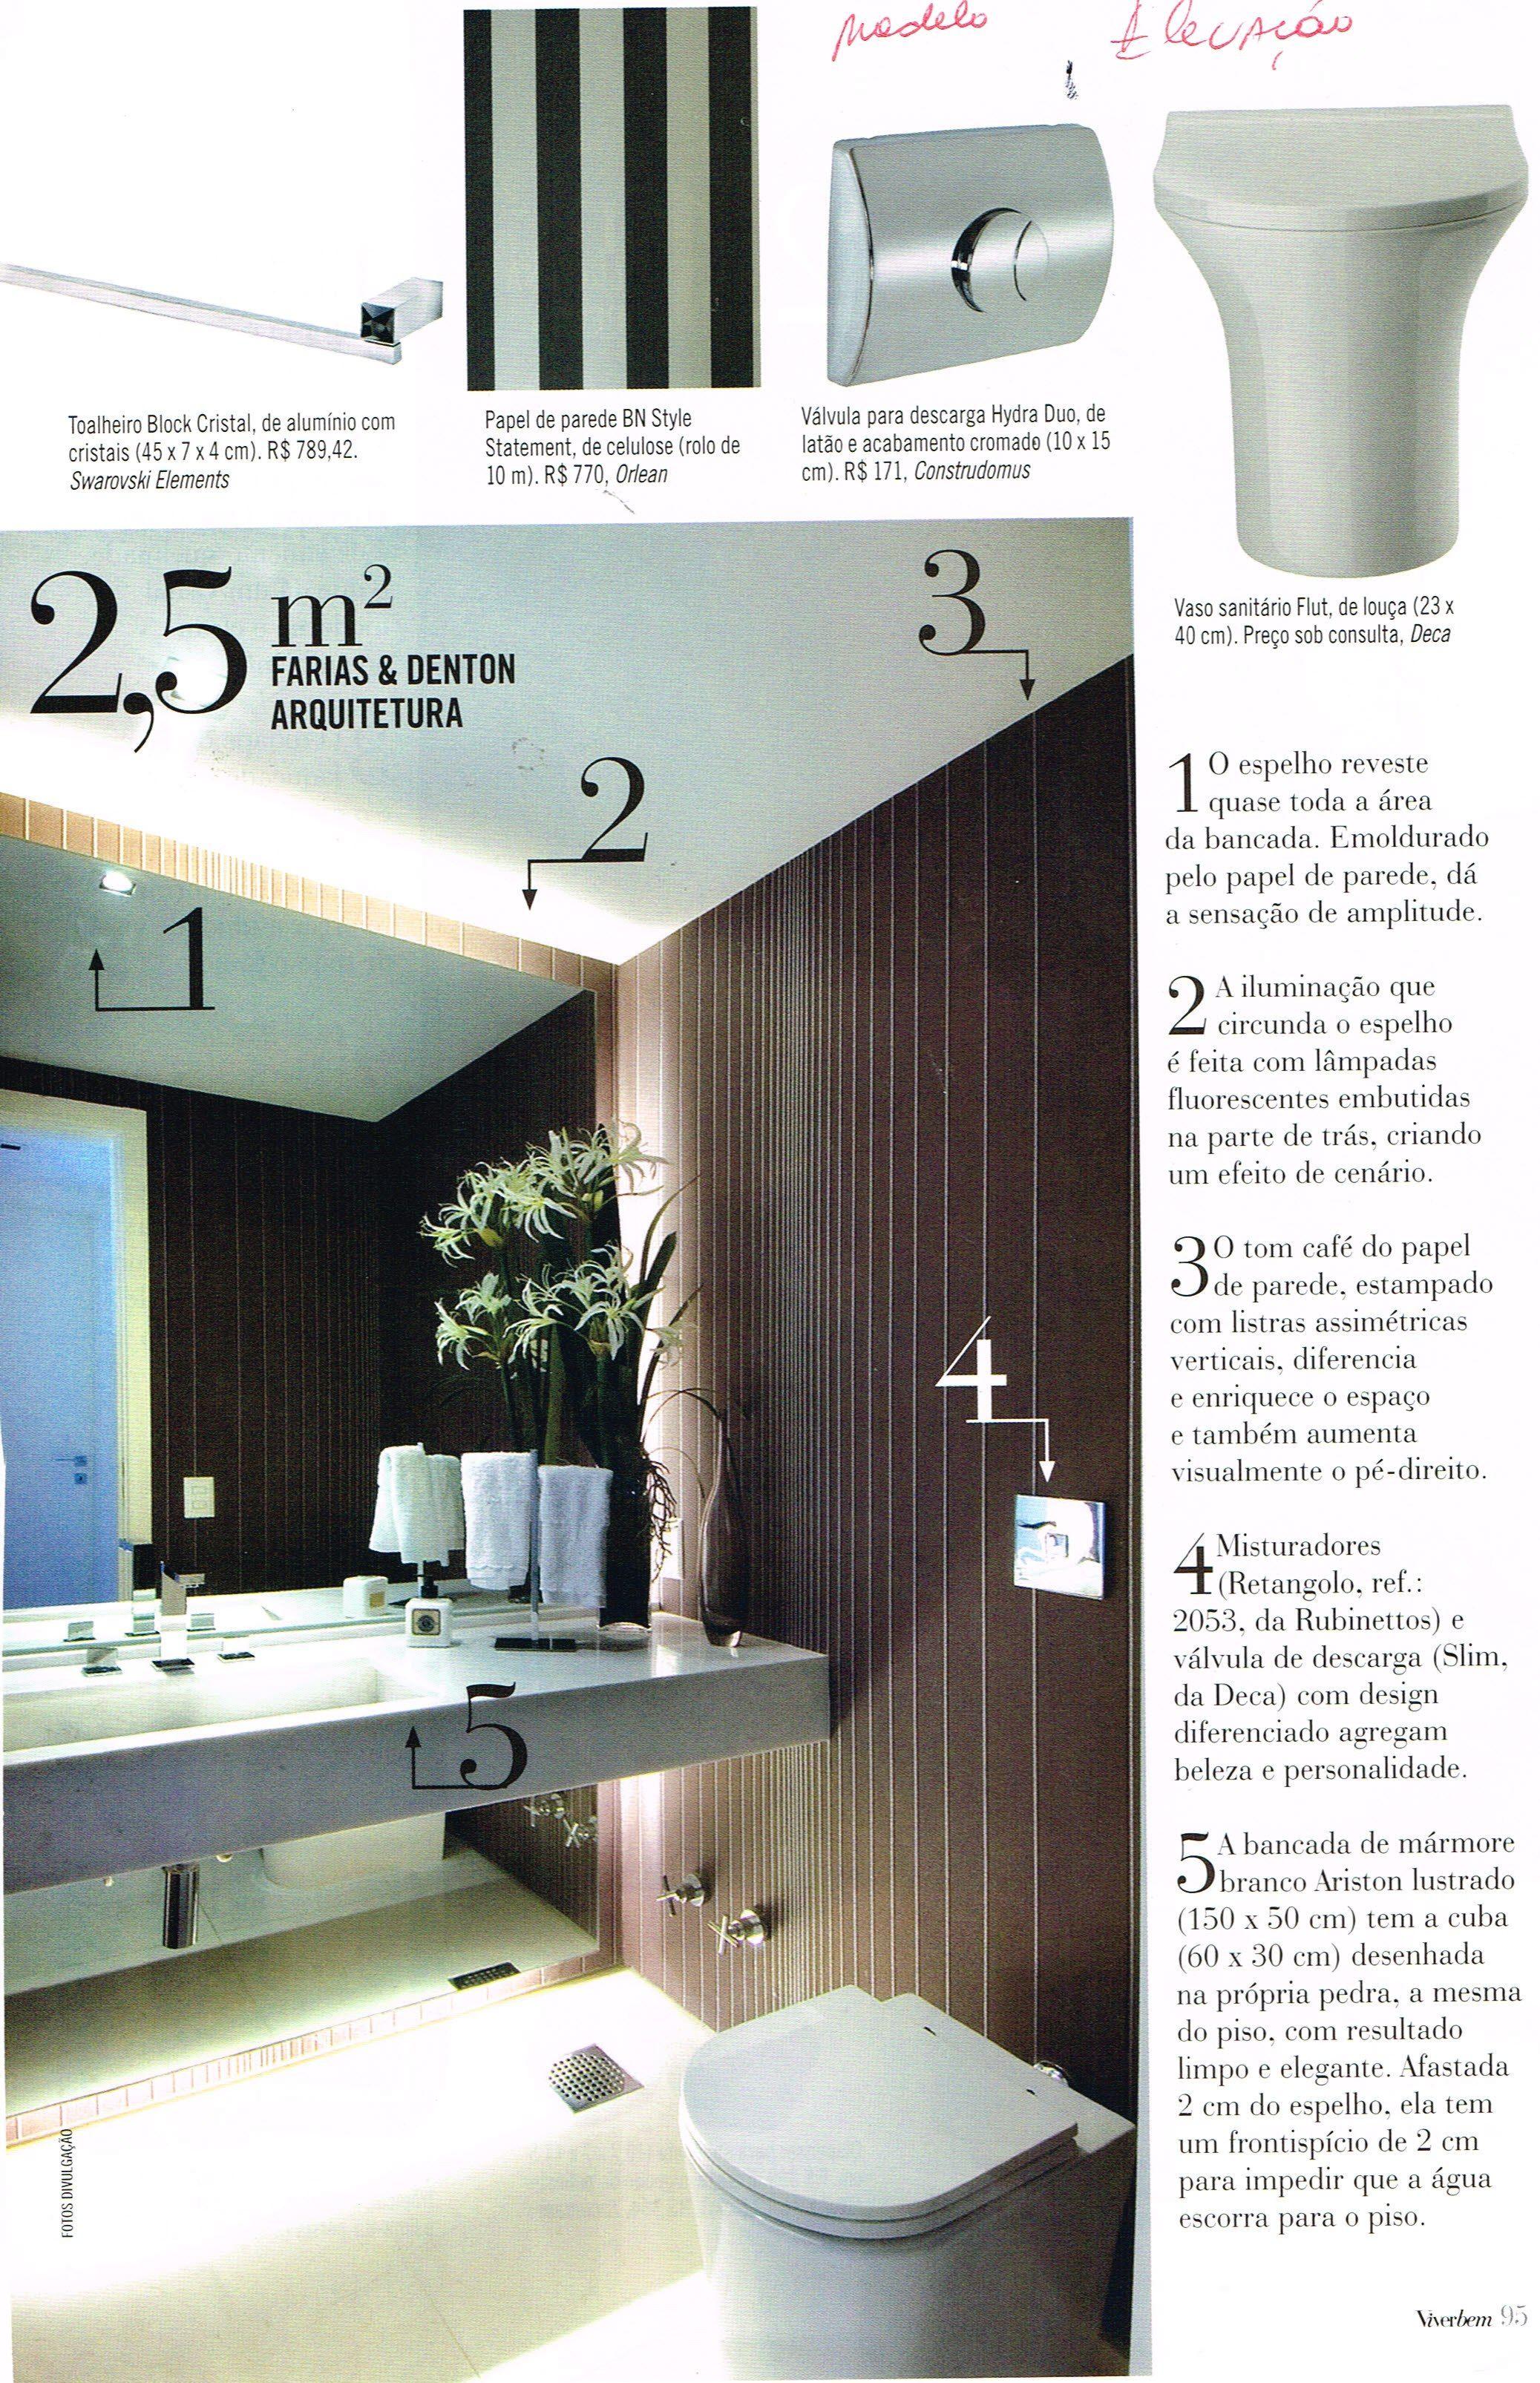 espelho iluminado lavabo parede toda cuba esculpida madeira